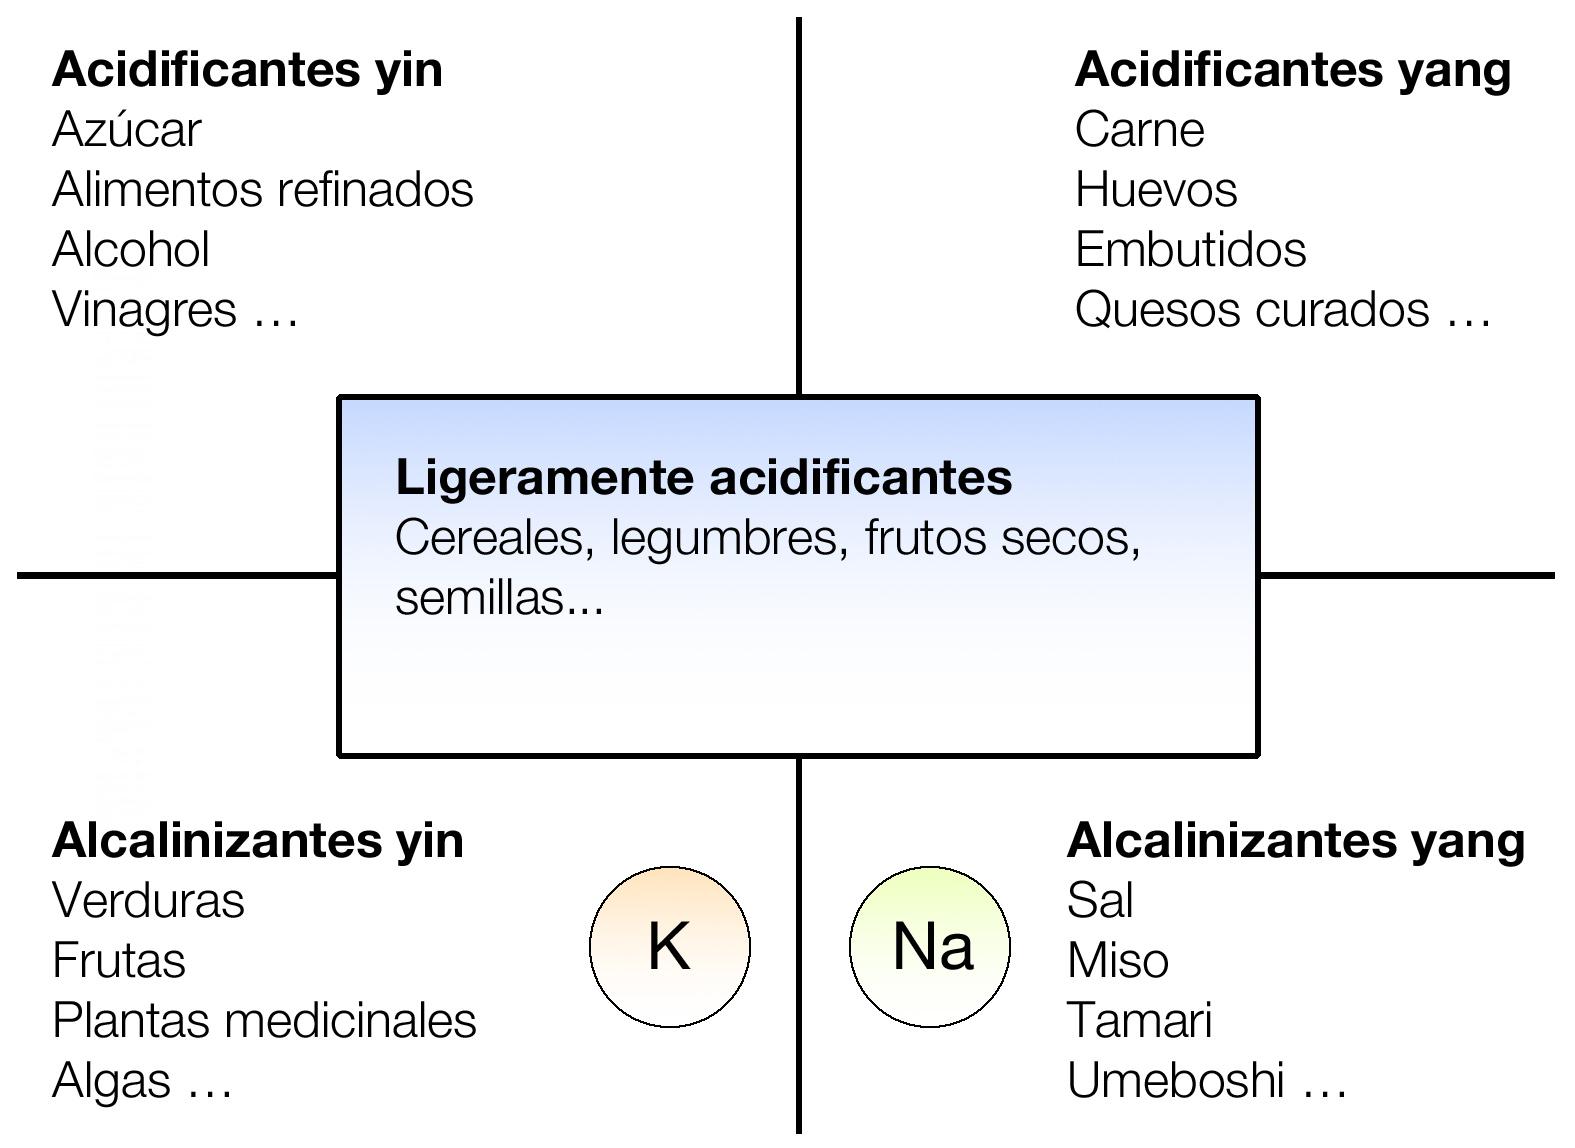 acido_alcalino2